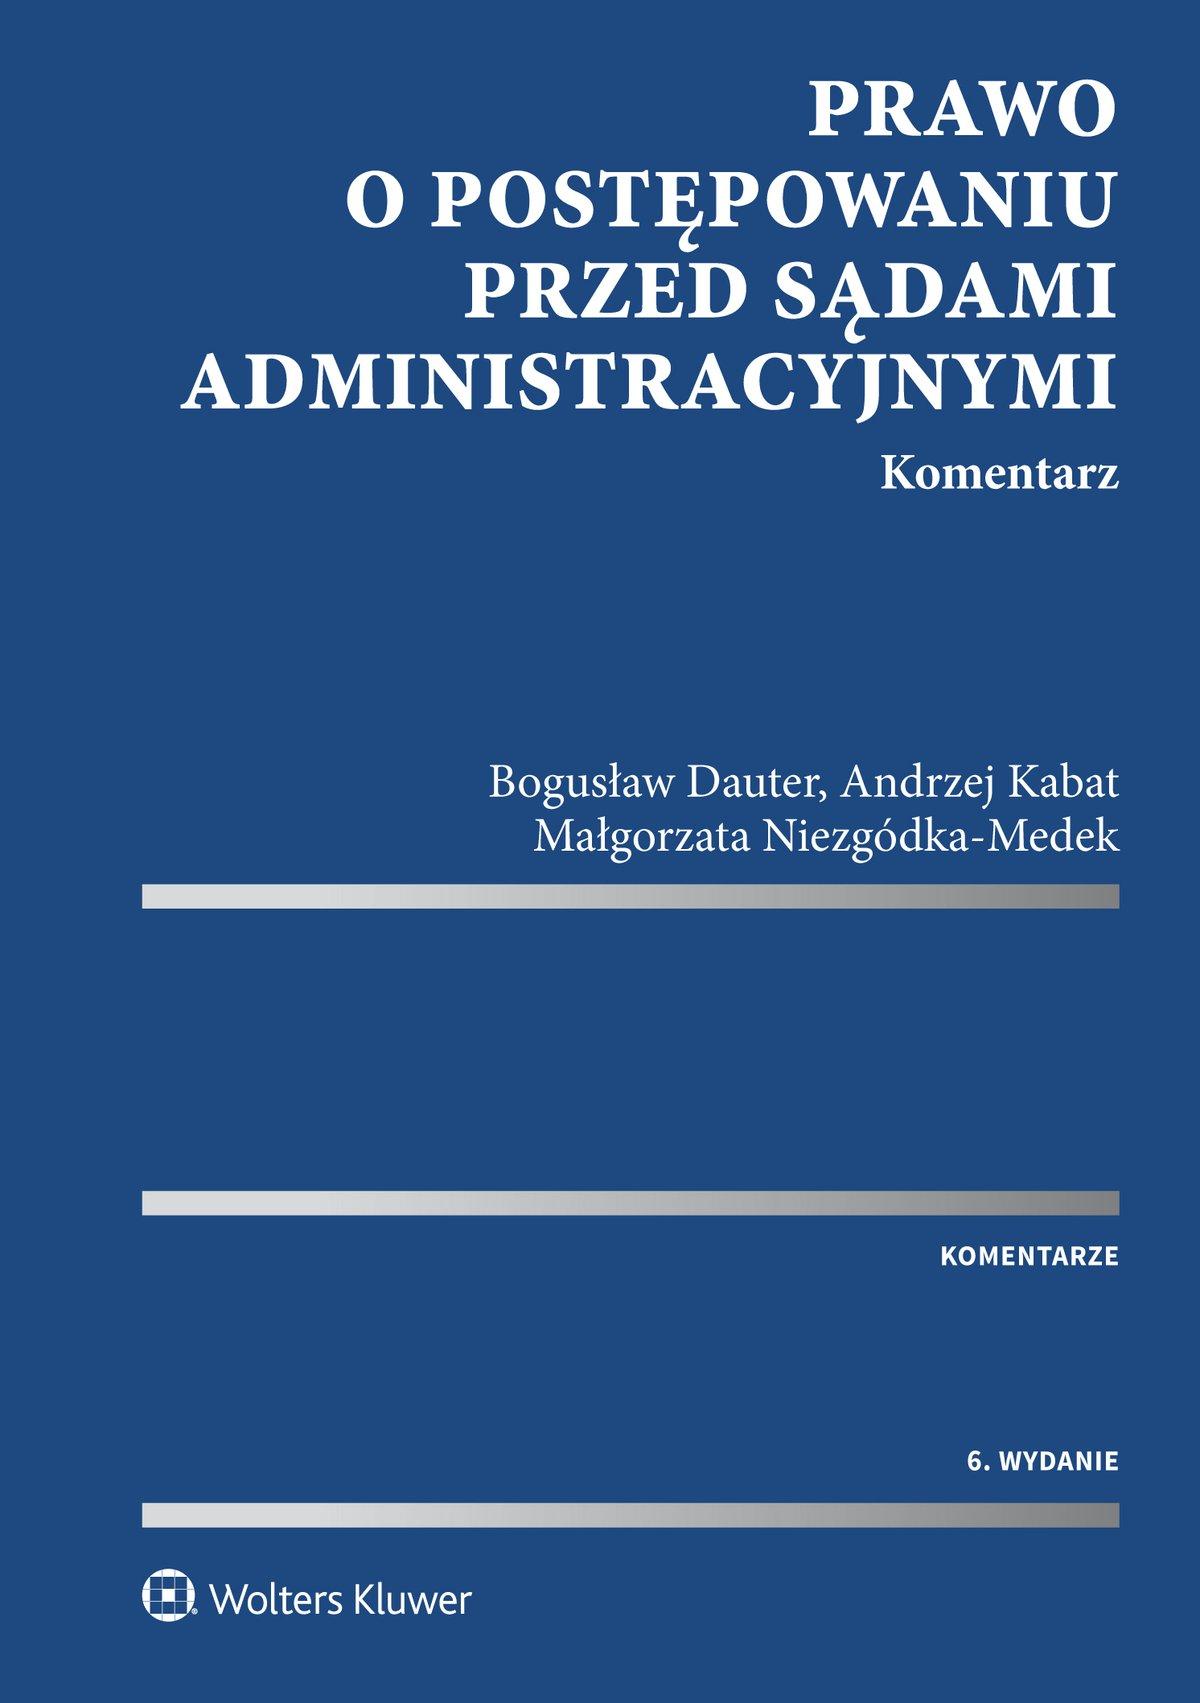 Prawo o postępowaniu przed sądami administracyjnymi. Komentarz - Ebook (Książka PDF) do pobrania w formacie PDF